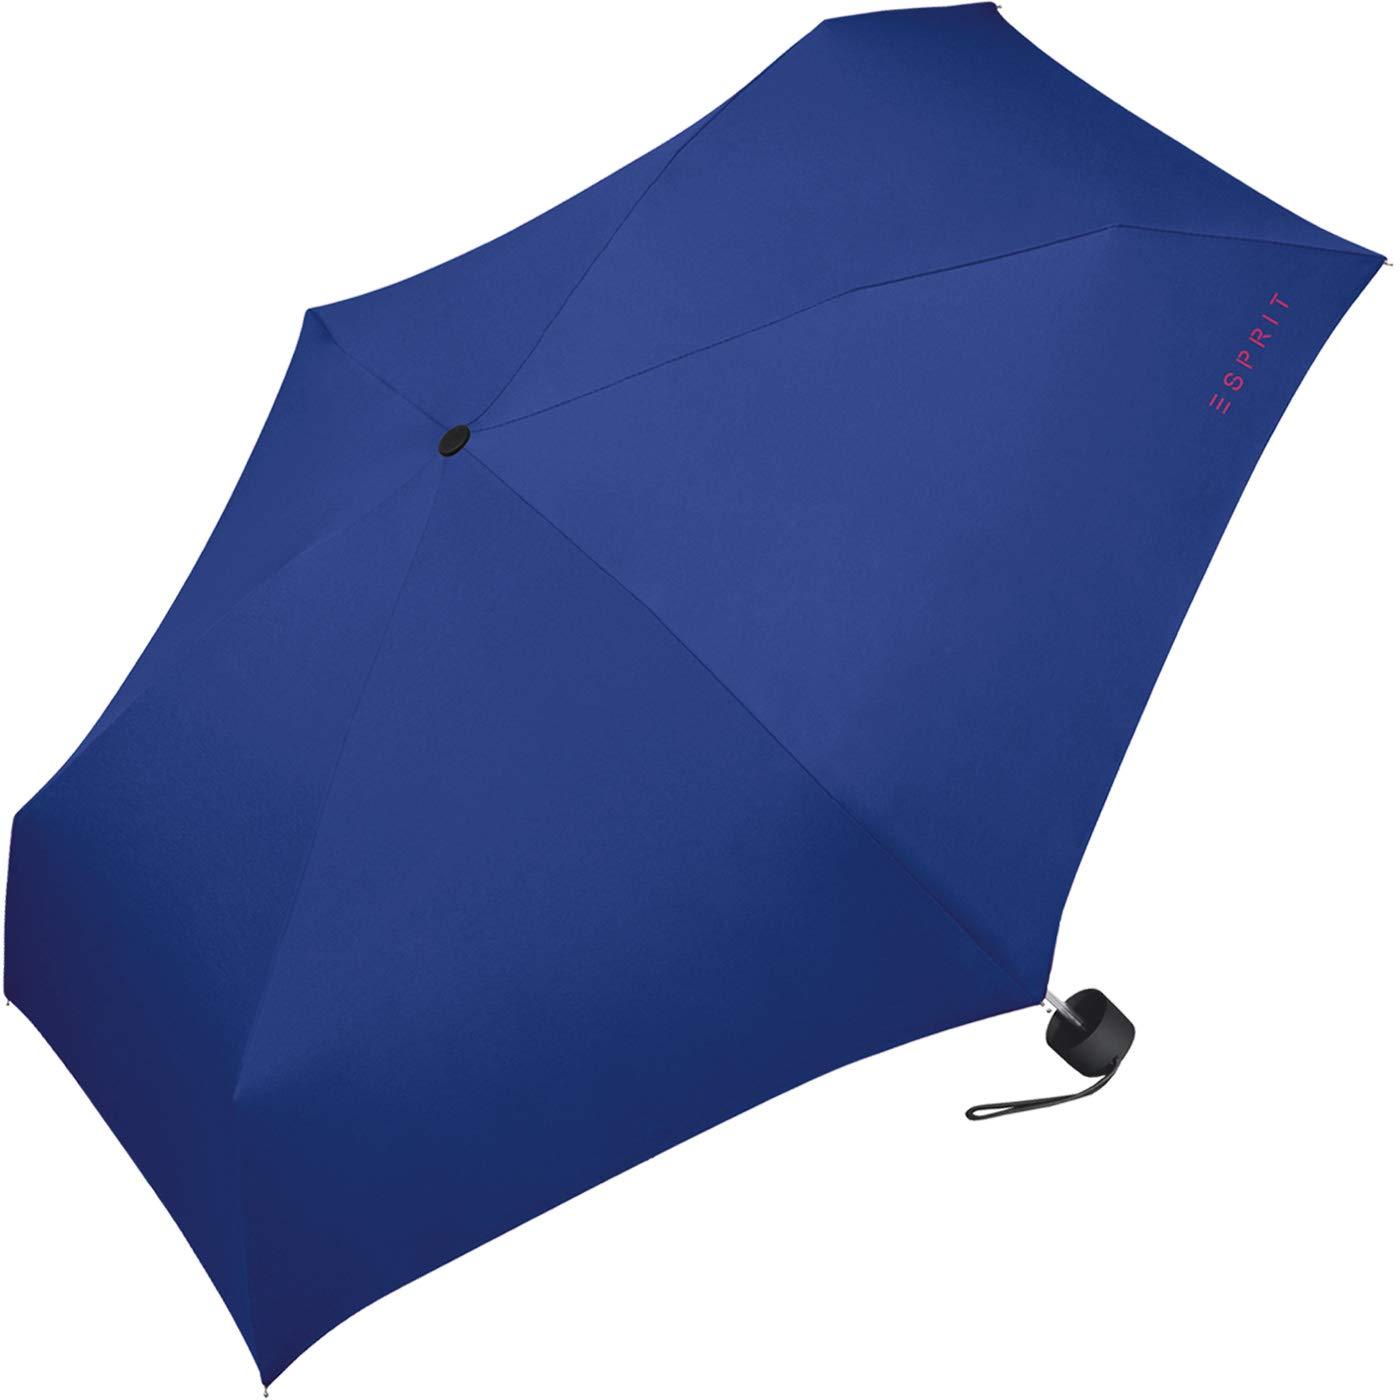 ESPRIT Parapluie pliants Femme Bleu Bleu Marine 91 cm